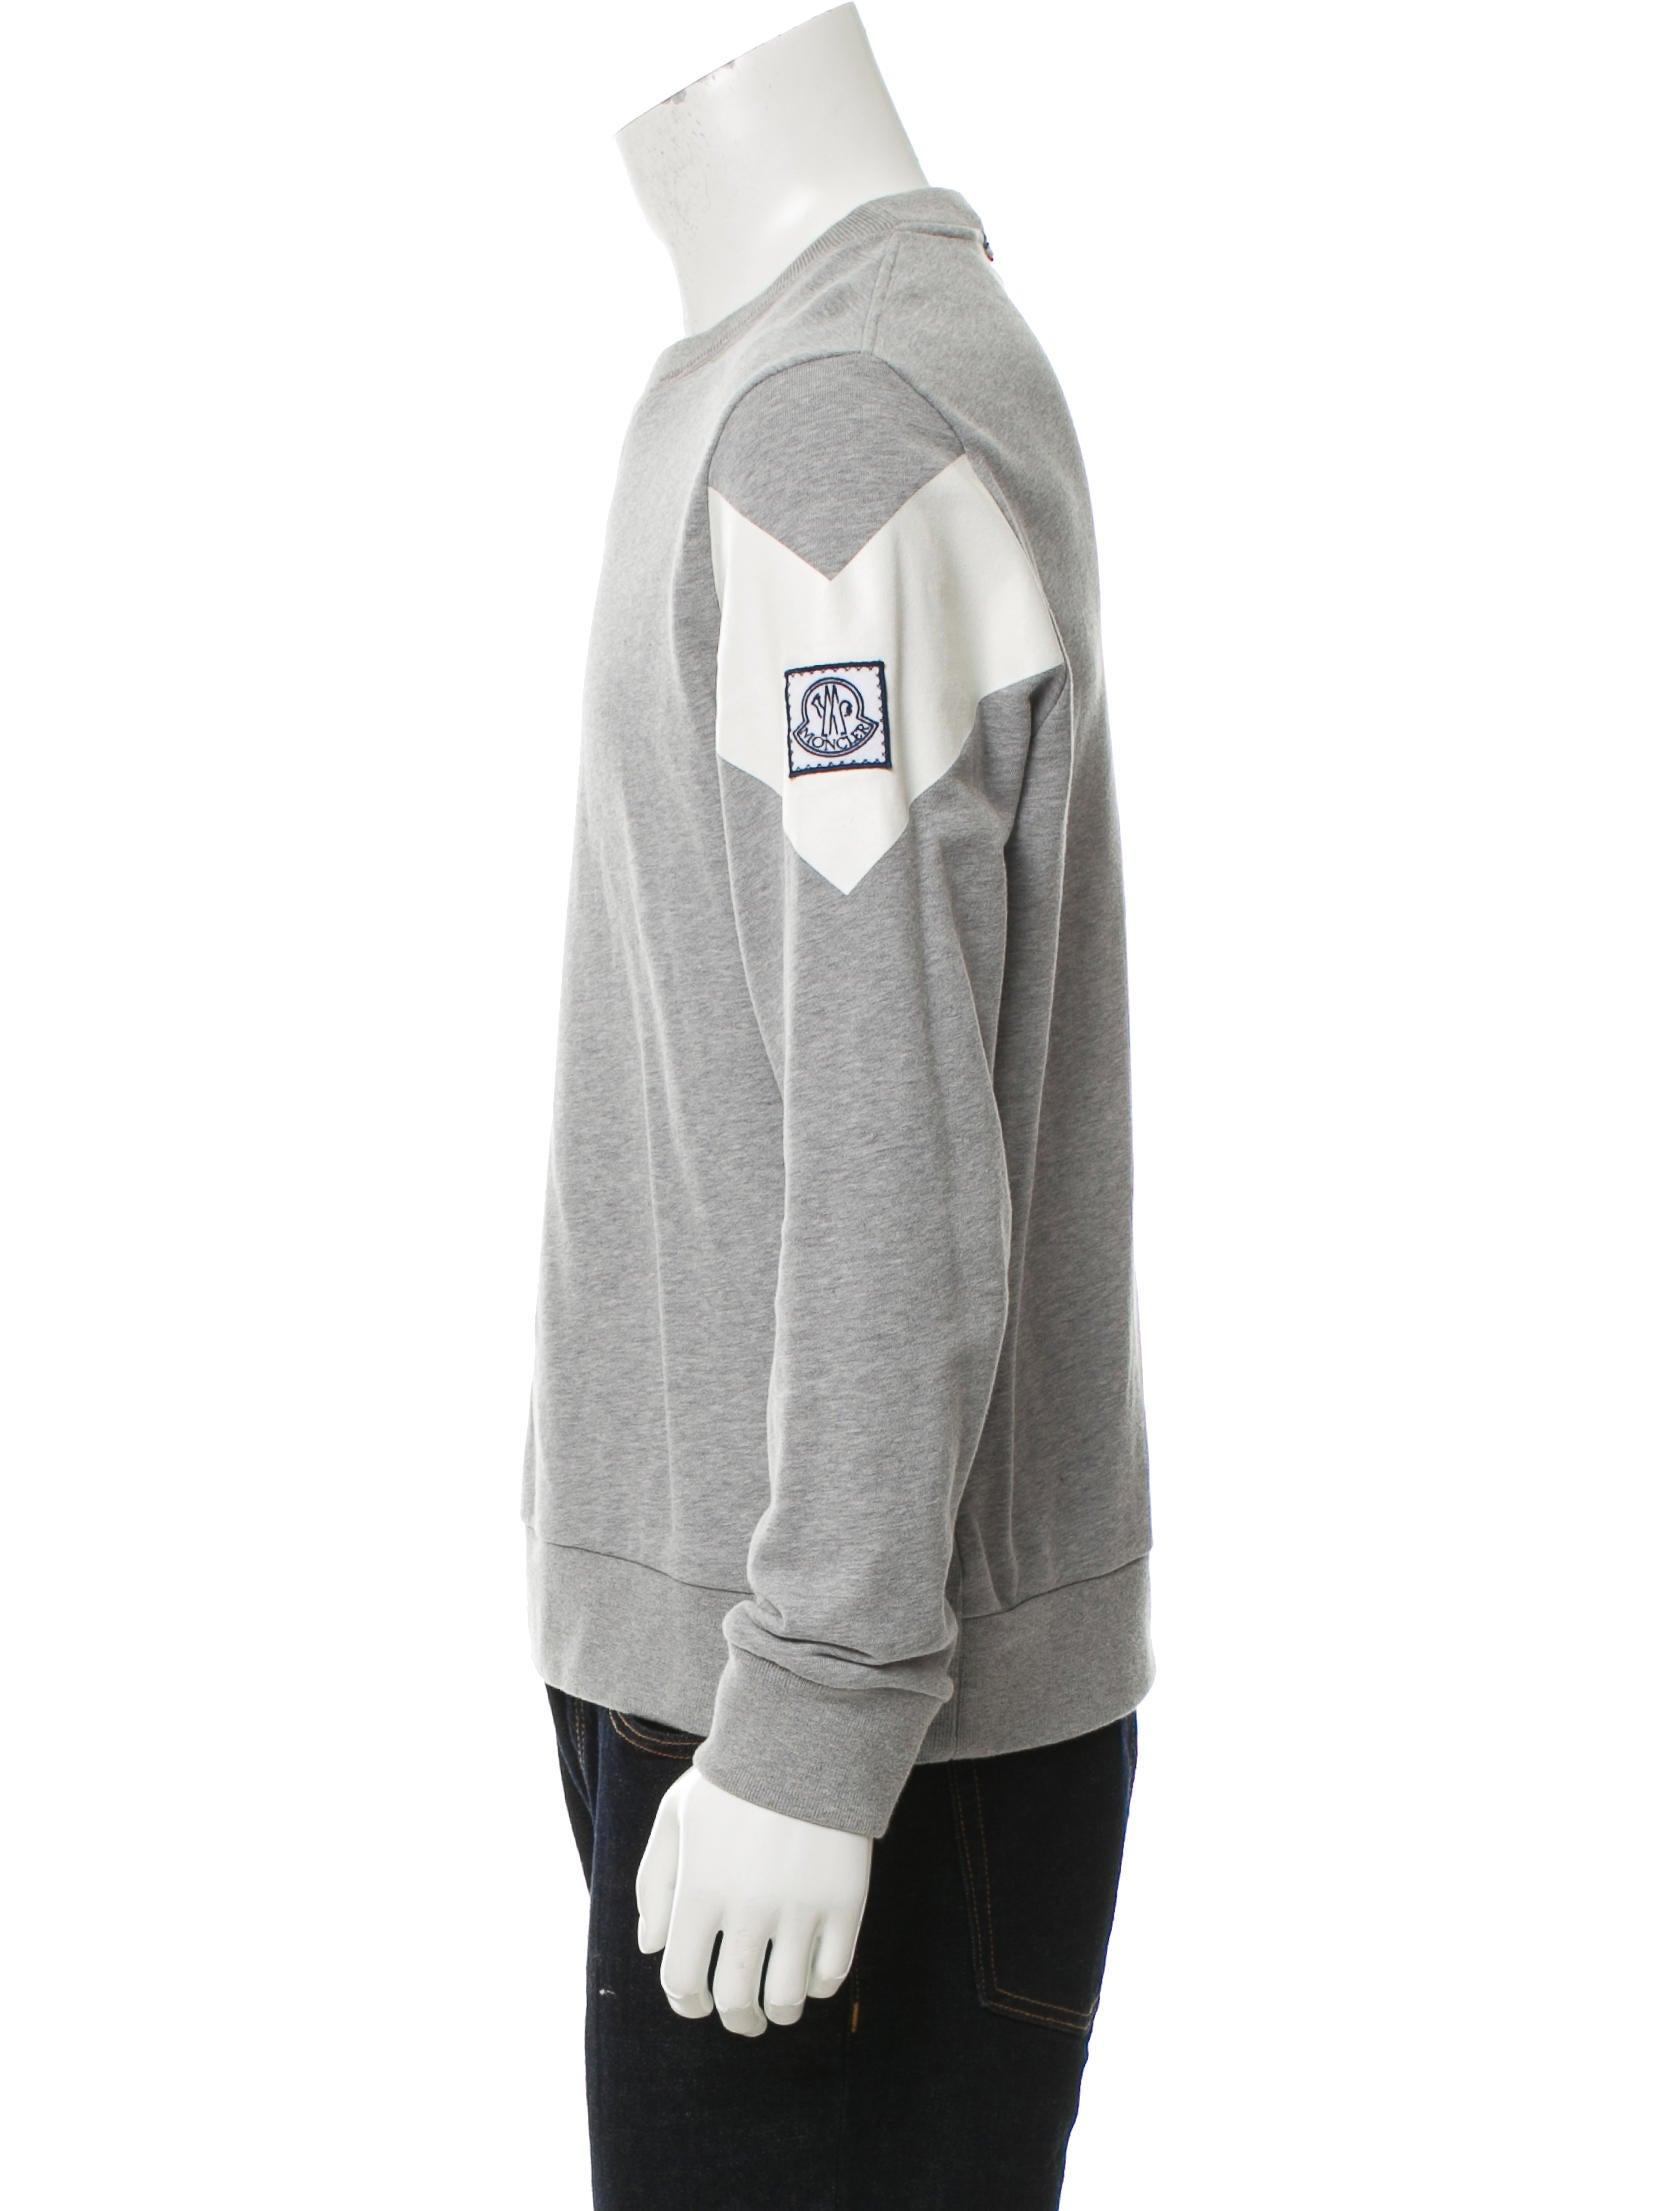 Pullover Crew Neck Sweatshirt